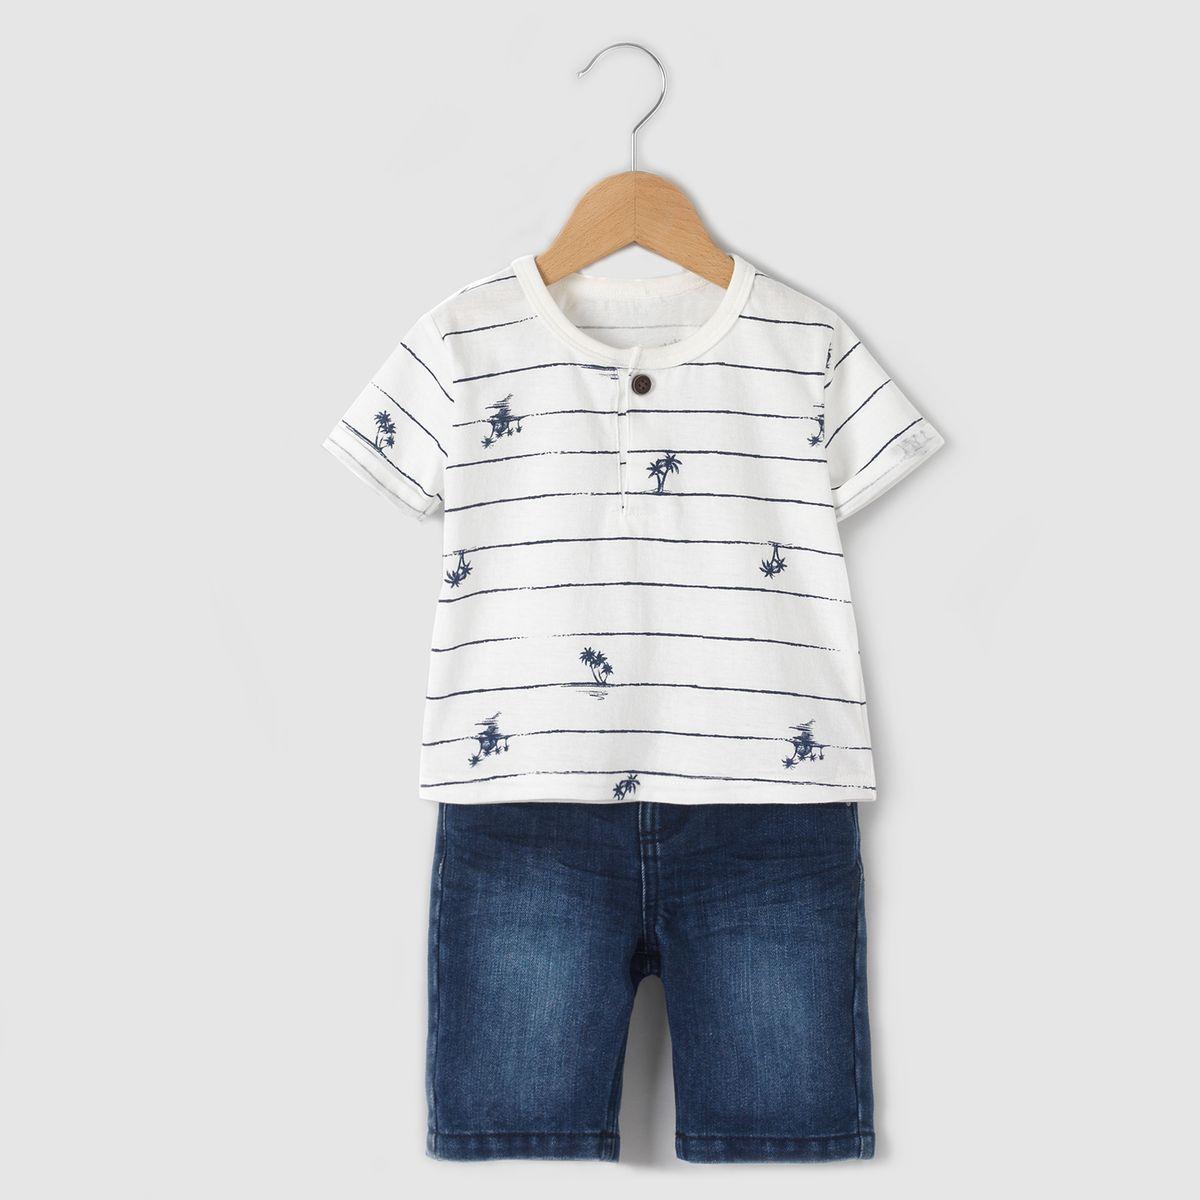 Ensemble t shirt et short 1 mois 3 ans R Baby